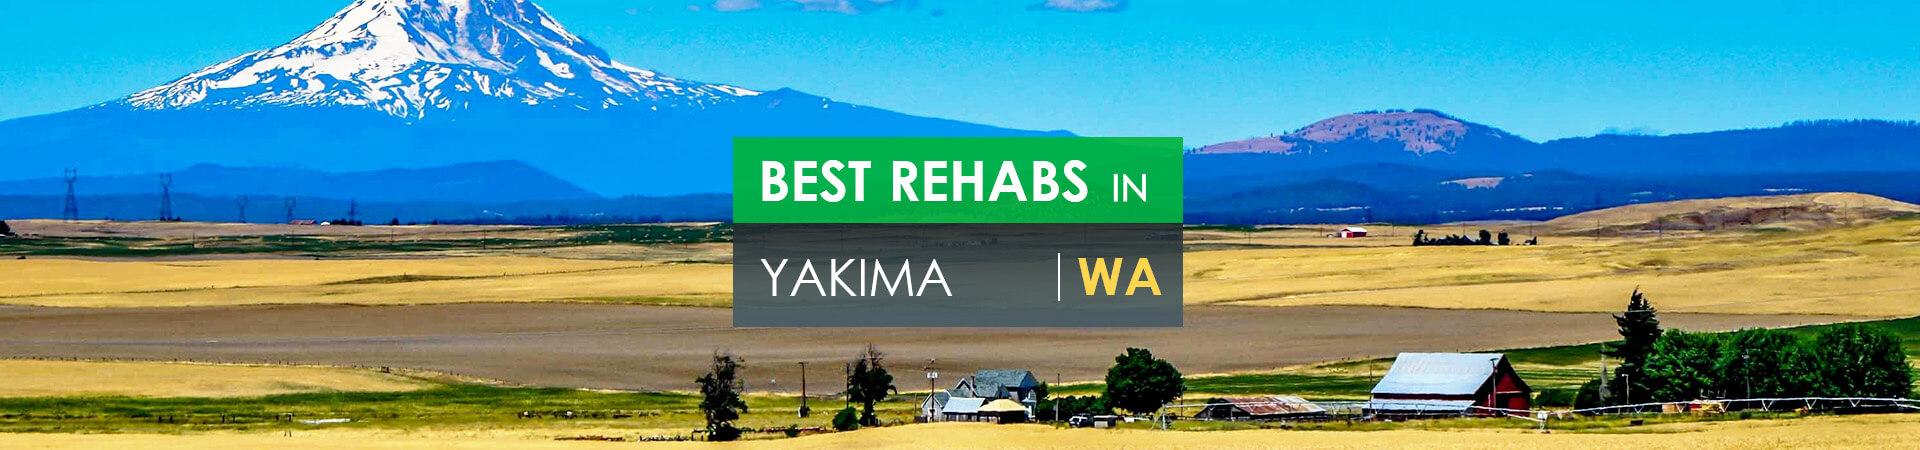 Best rehabs in Yakima, WA